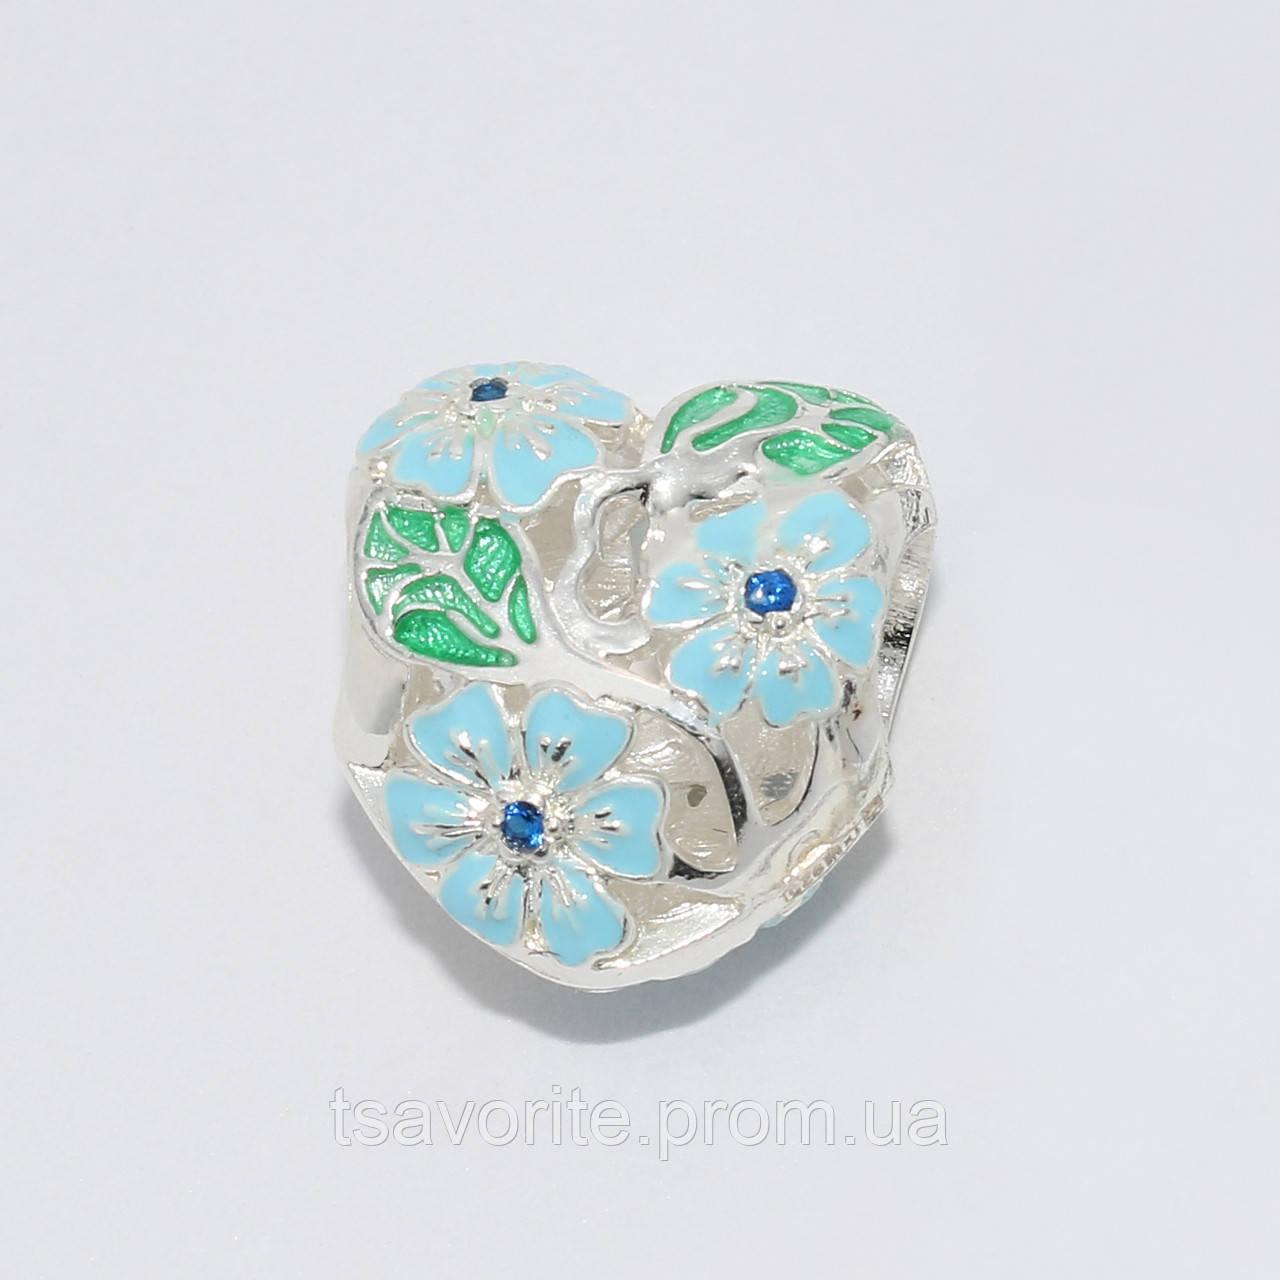 Серебряная подвеска-шарм для Pandora 3110917